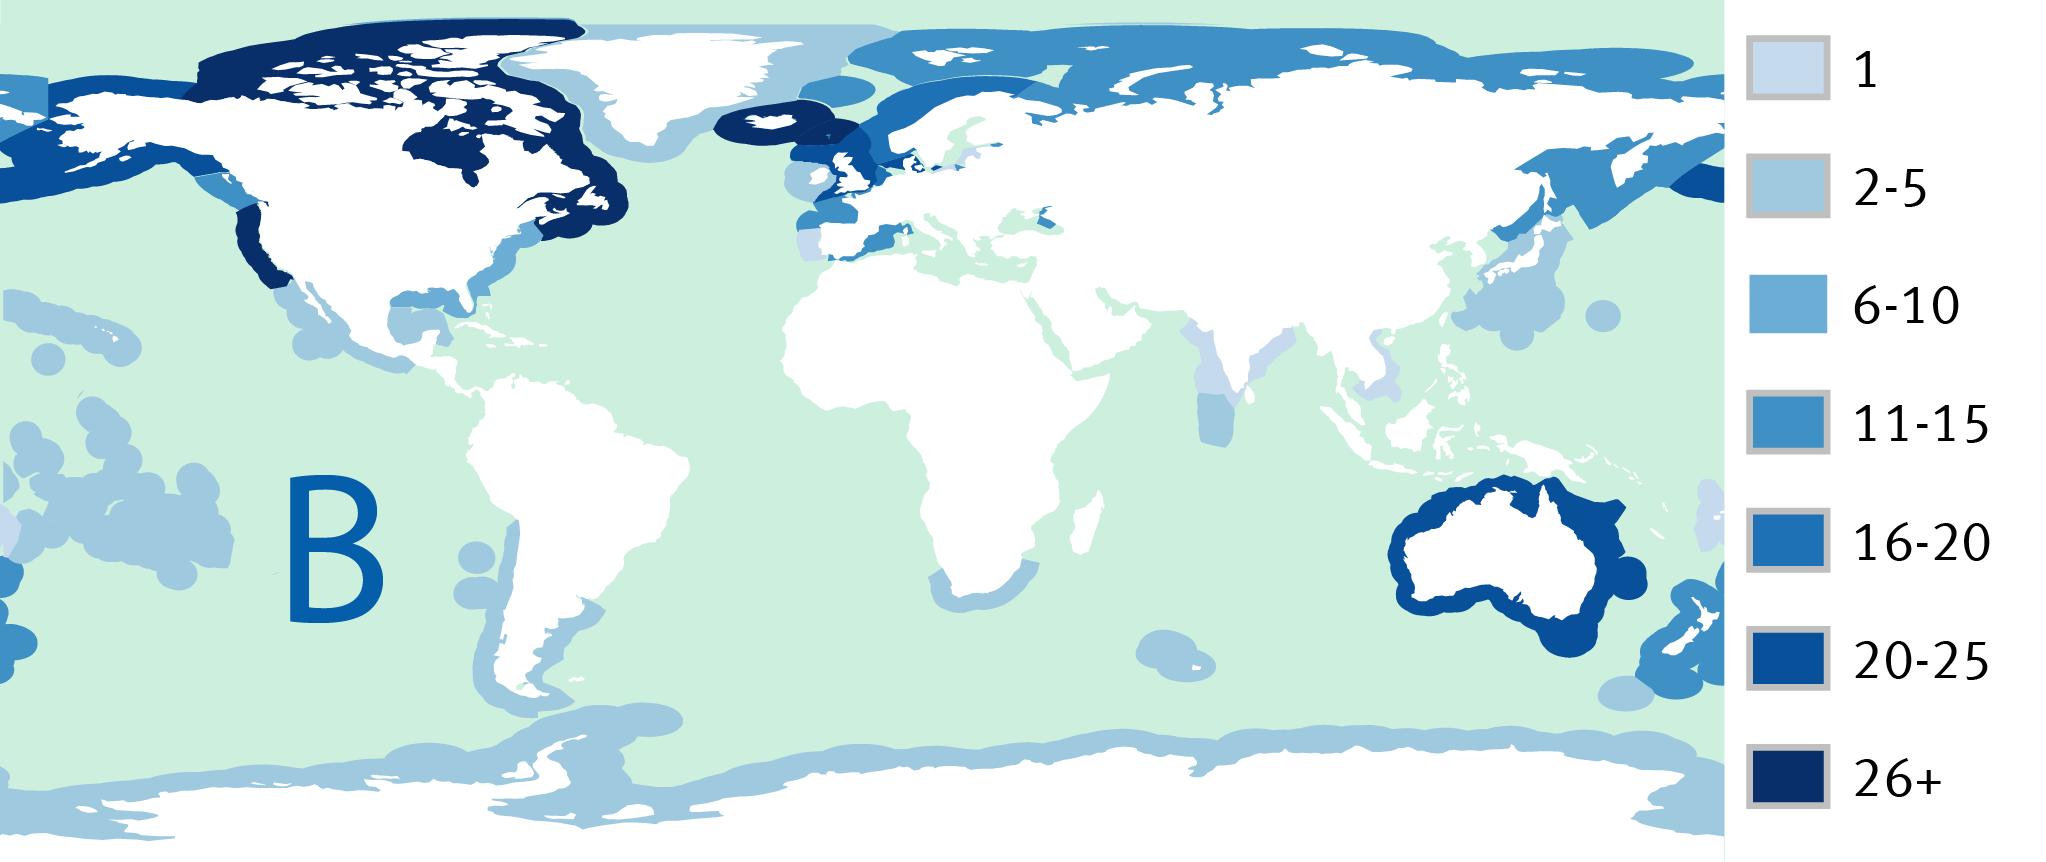 Carte B : Nombre de pêcheries certifiées dans des ZEE de chaque pays en 2015 (ZEE non représentées pour les pays sans pêcherie certifiée)